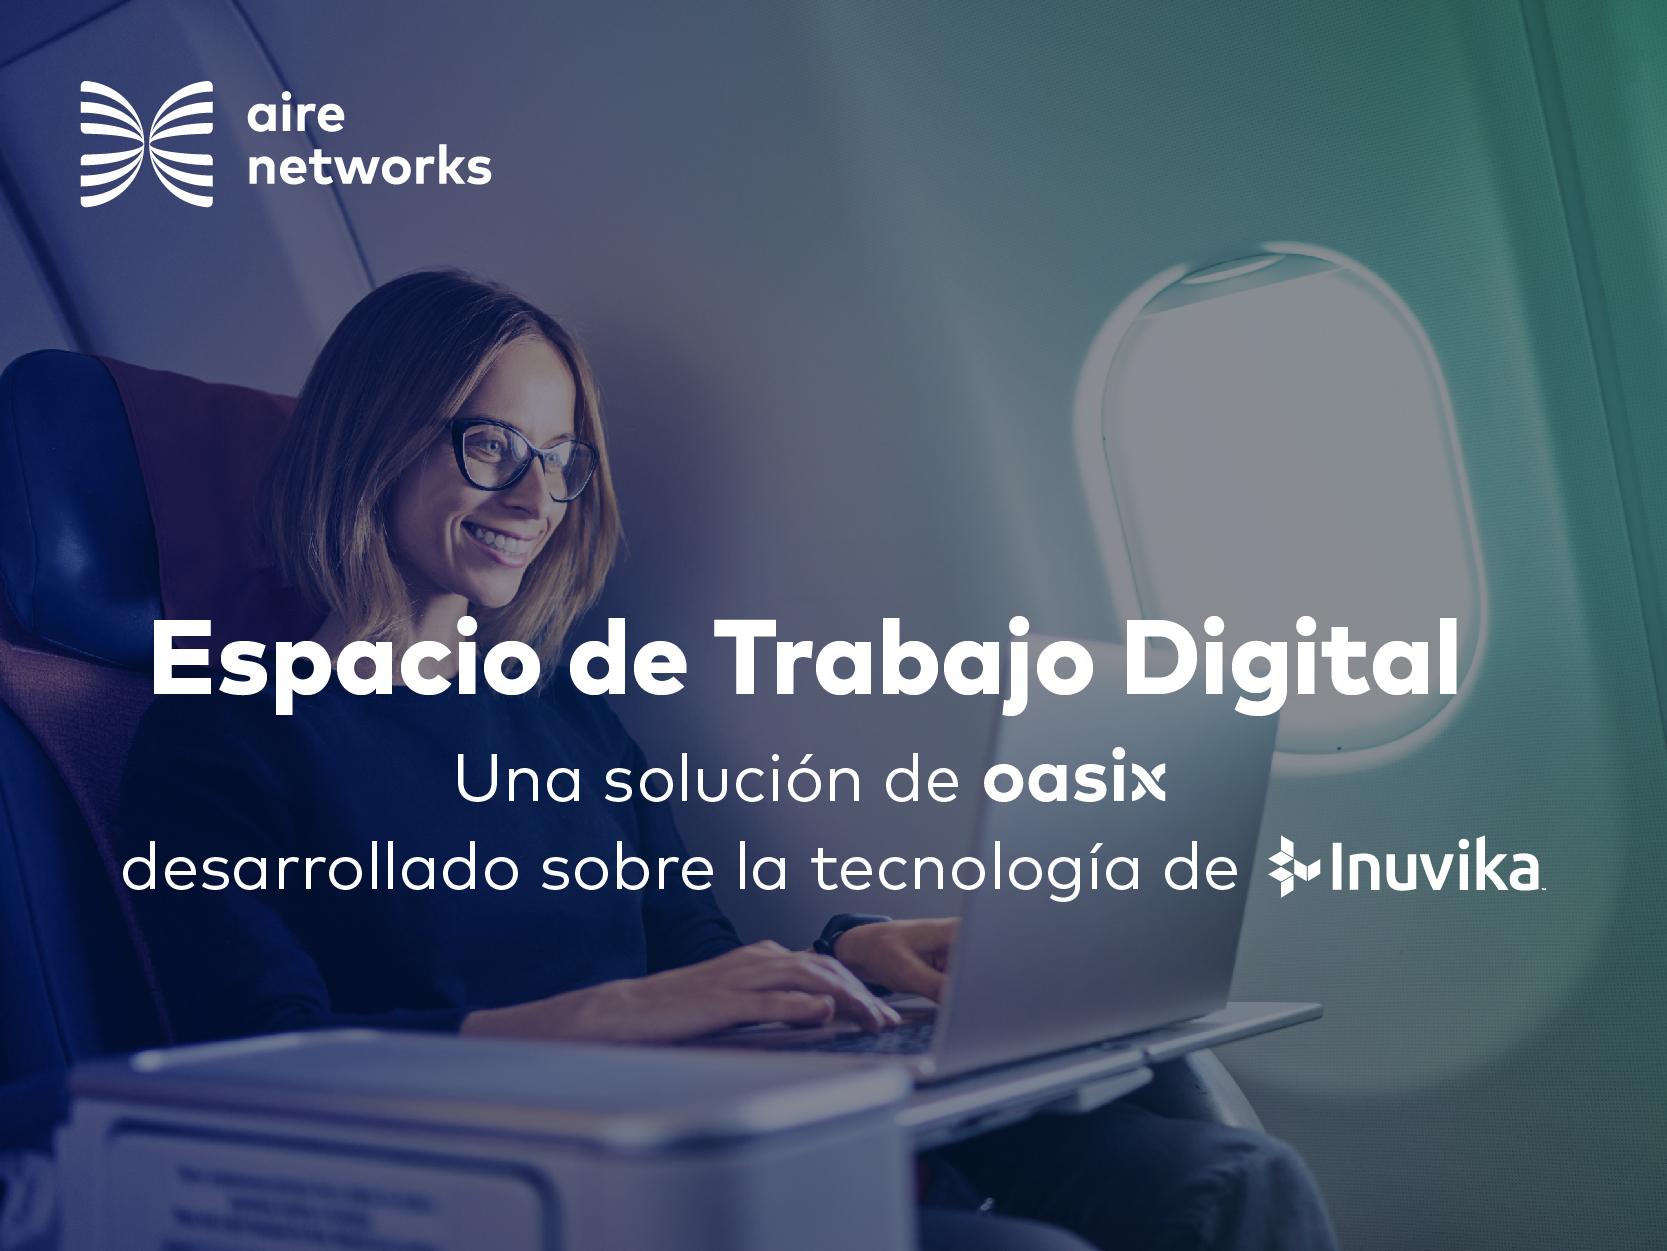 Espacio de Trabajo Digital